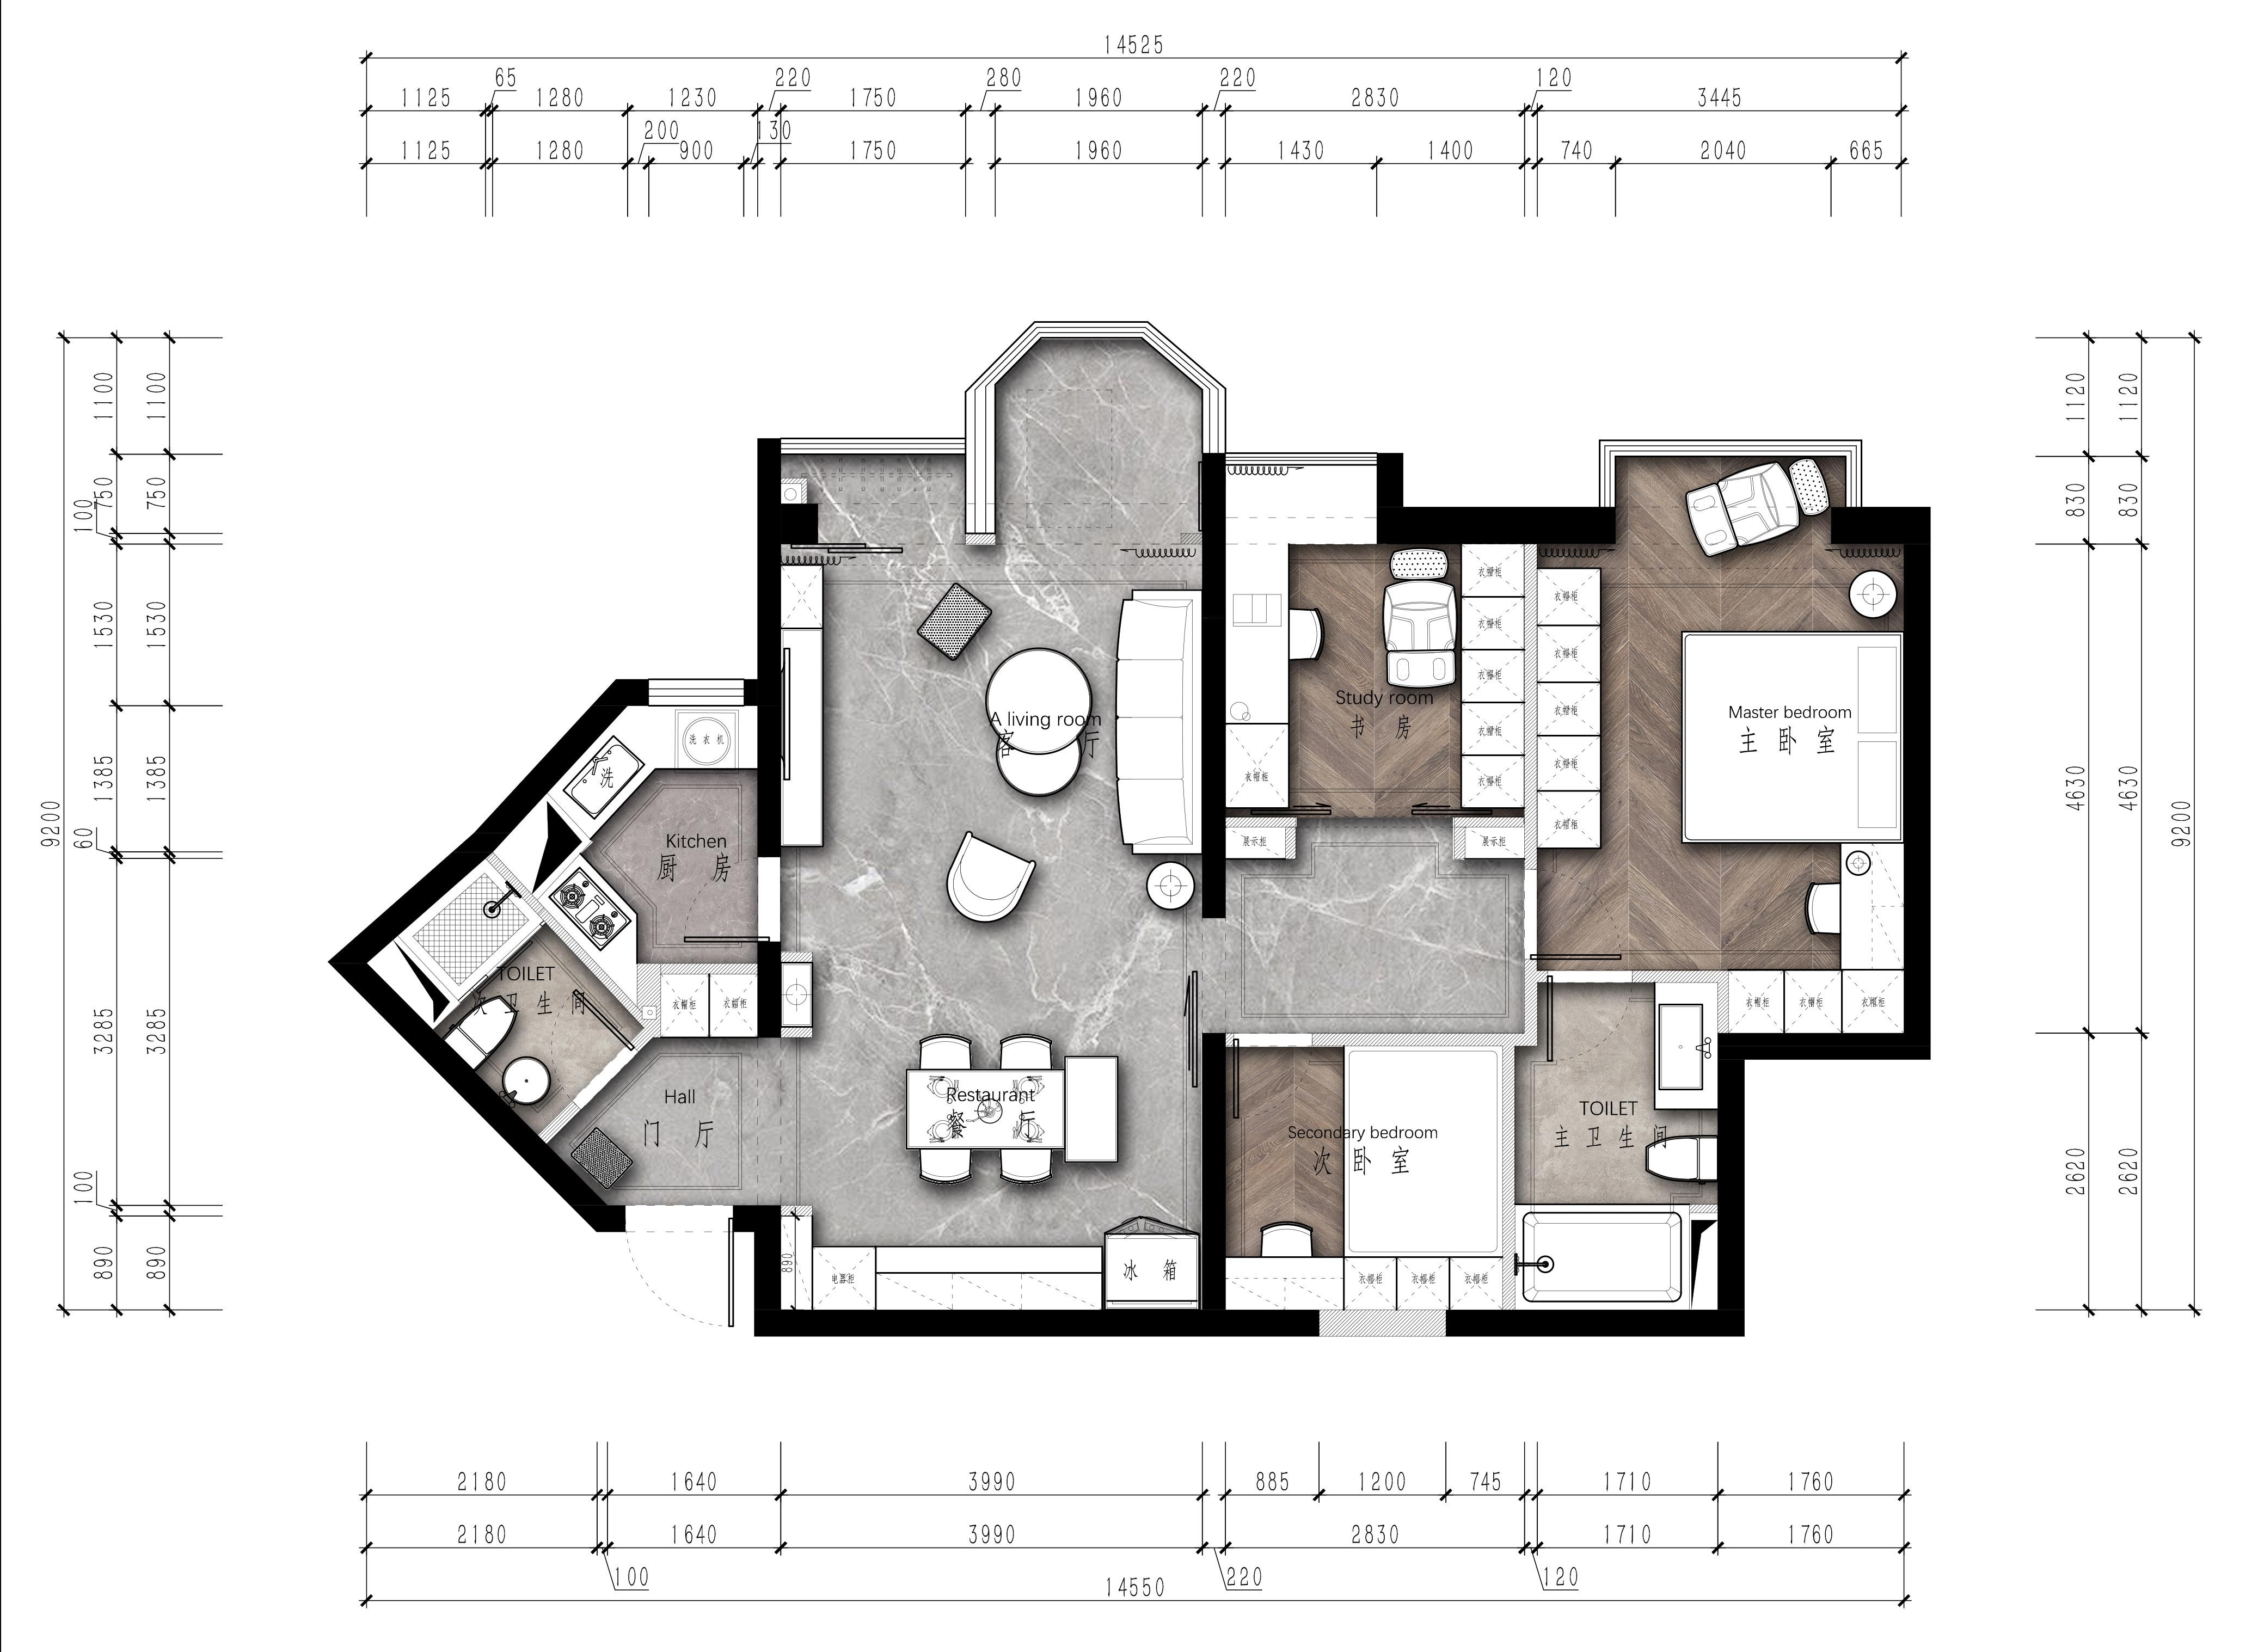 罗马嘉园-120平米-现代简约风格装修案例装修设计理念